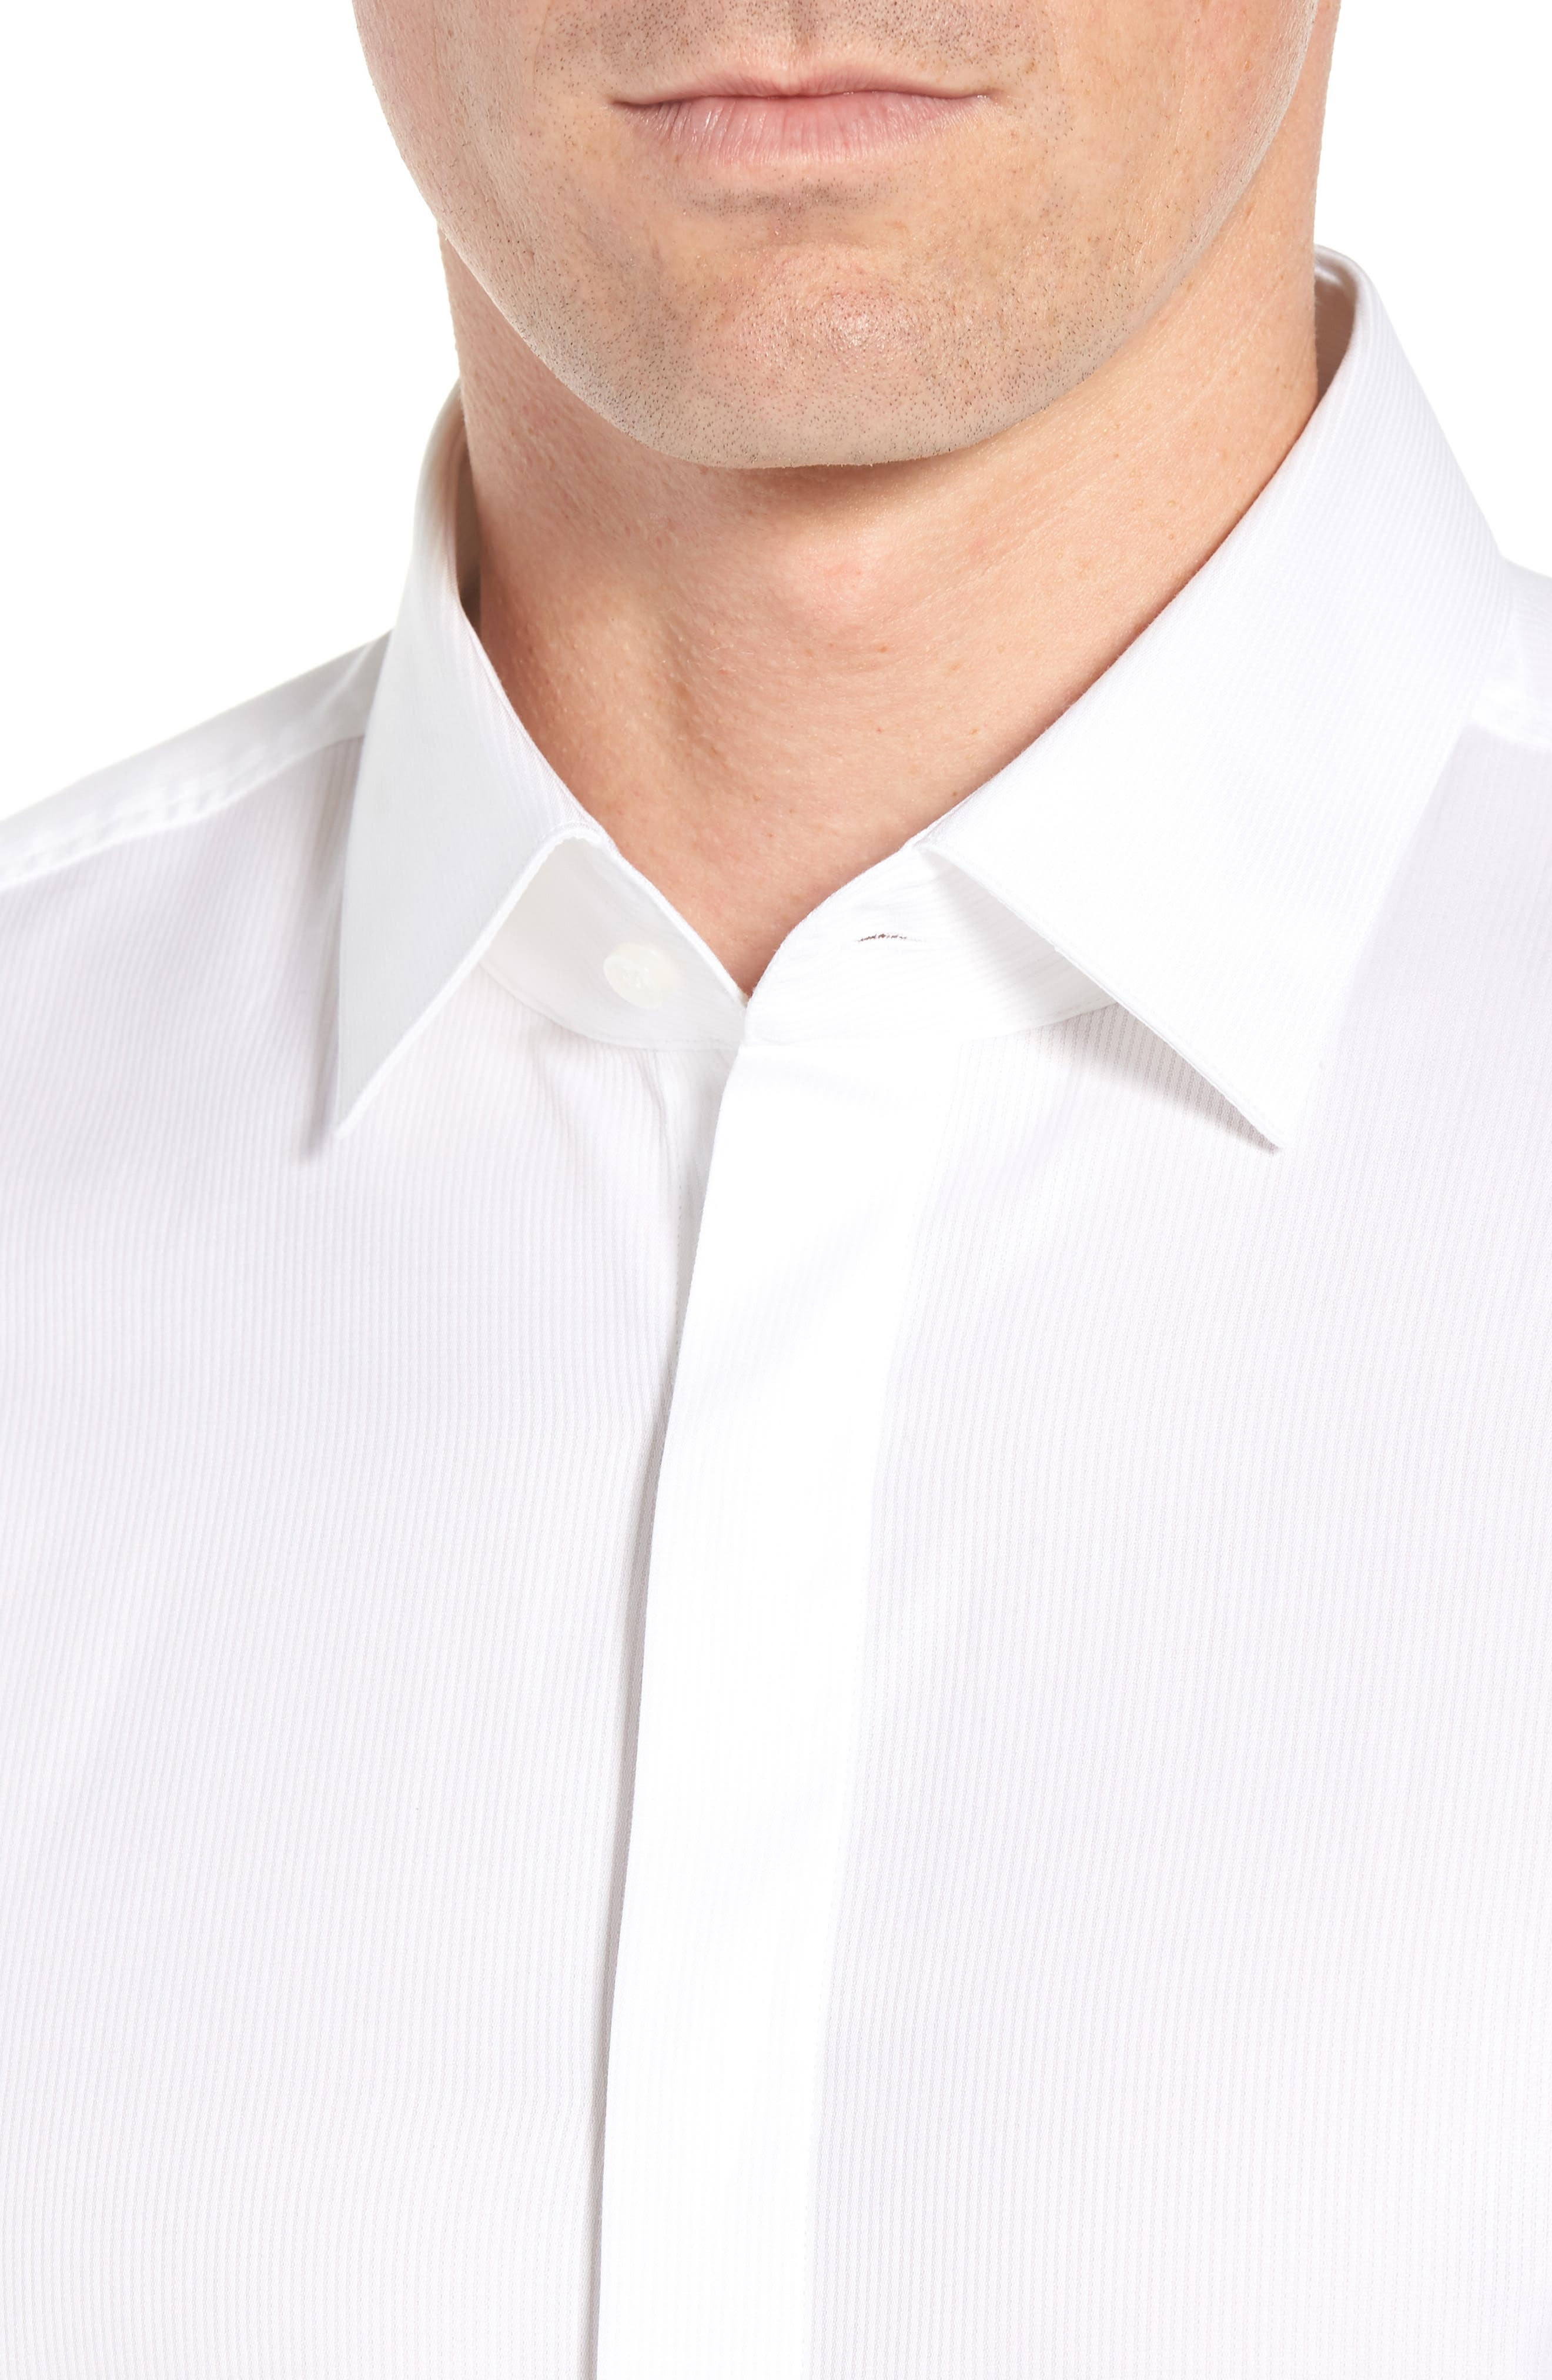 Myron Sharp Fit Tuxedo Shirt,                             Alternate thumbnail 2, color,                             White